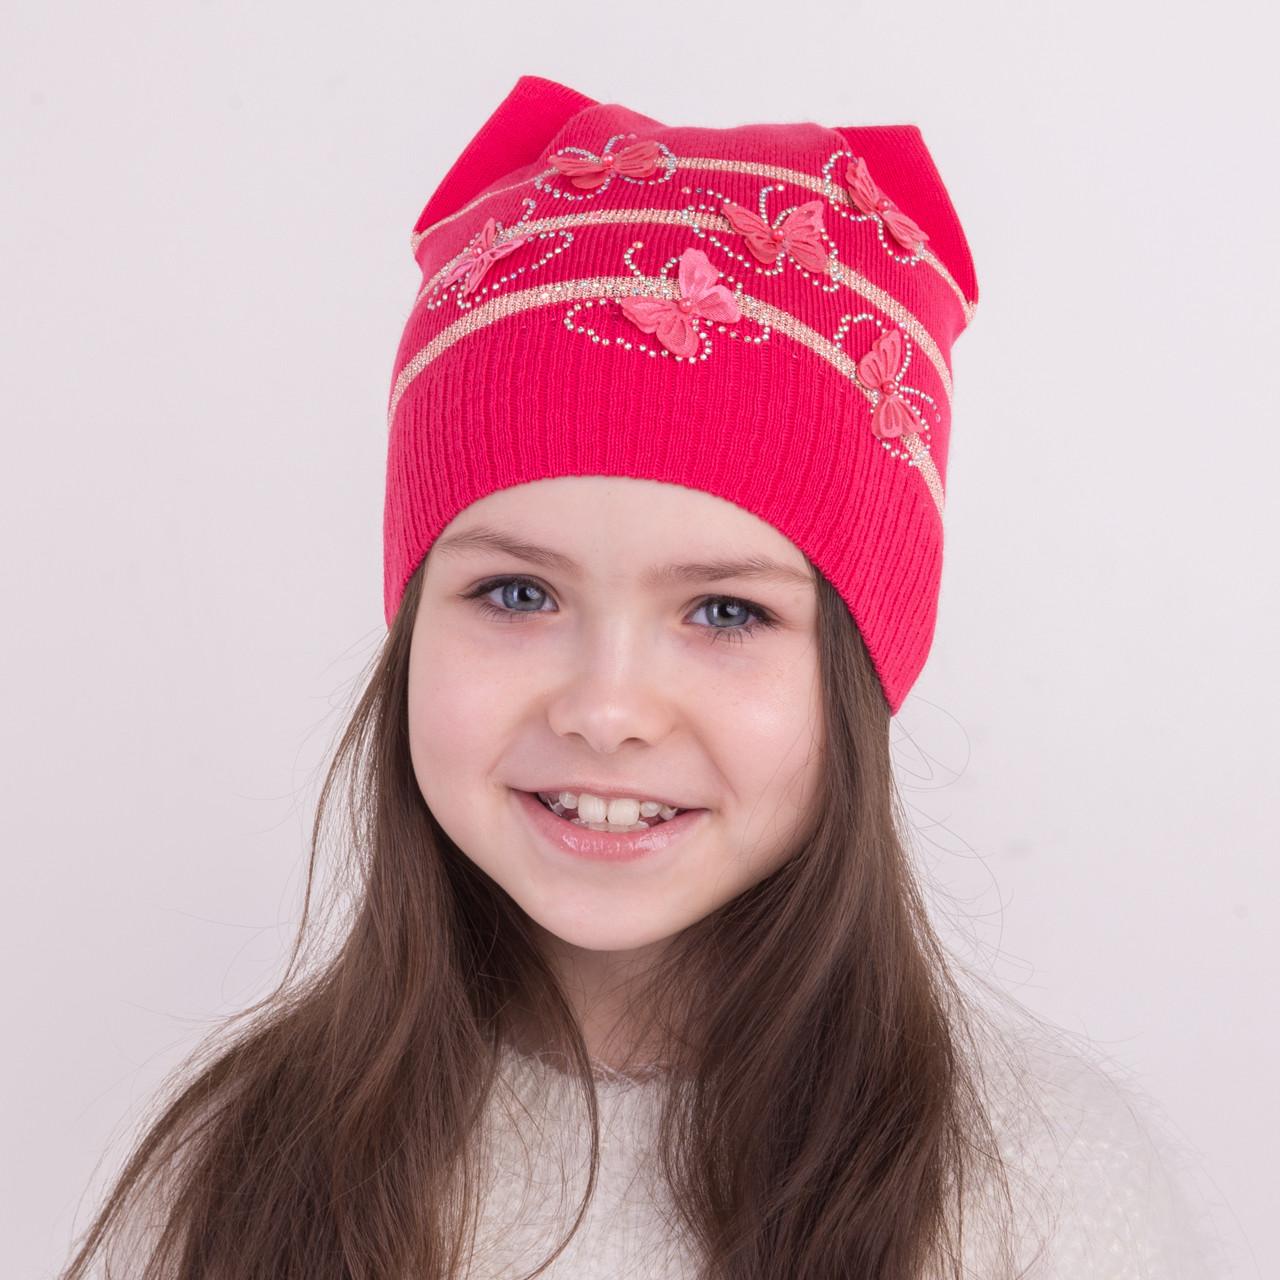 Стильная вязаная шапка для девочек на весну оптом - Артикул 1273